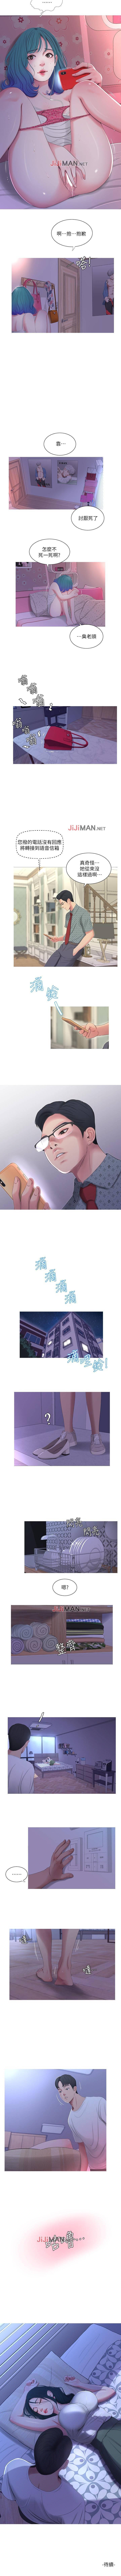 【周四连载】亲家四姐妹(作者:愛摸) 第1~27话 47